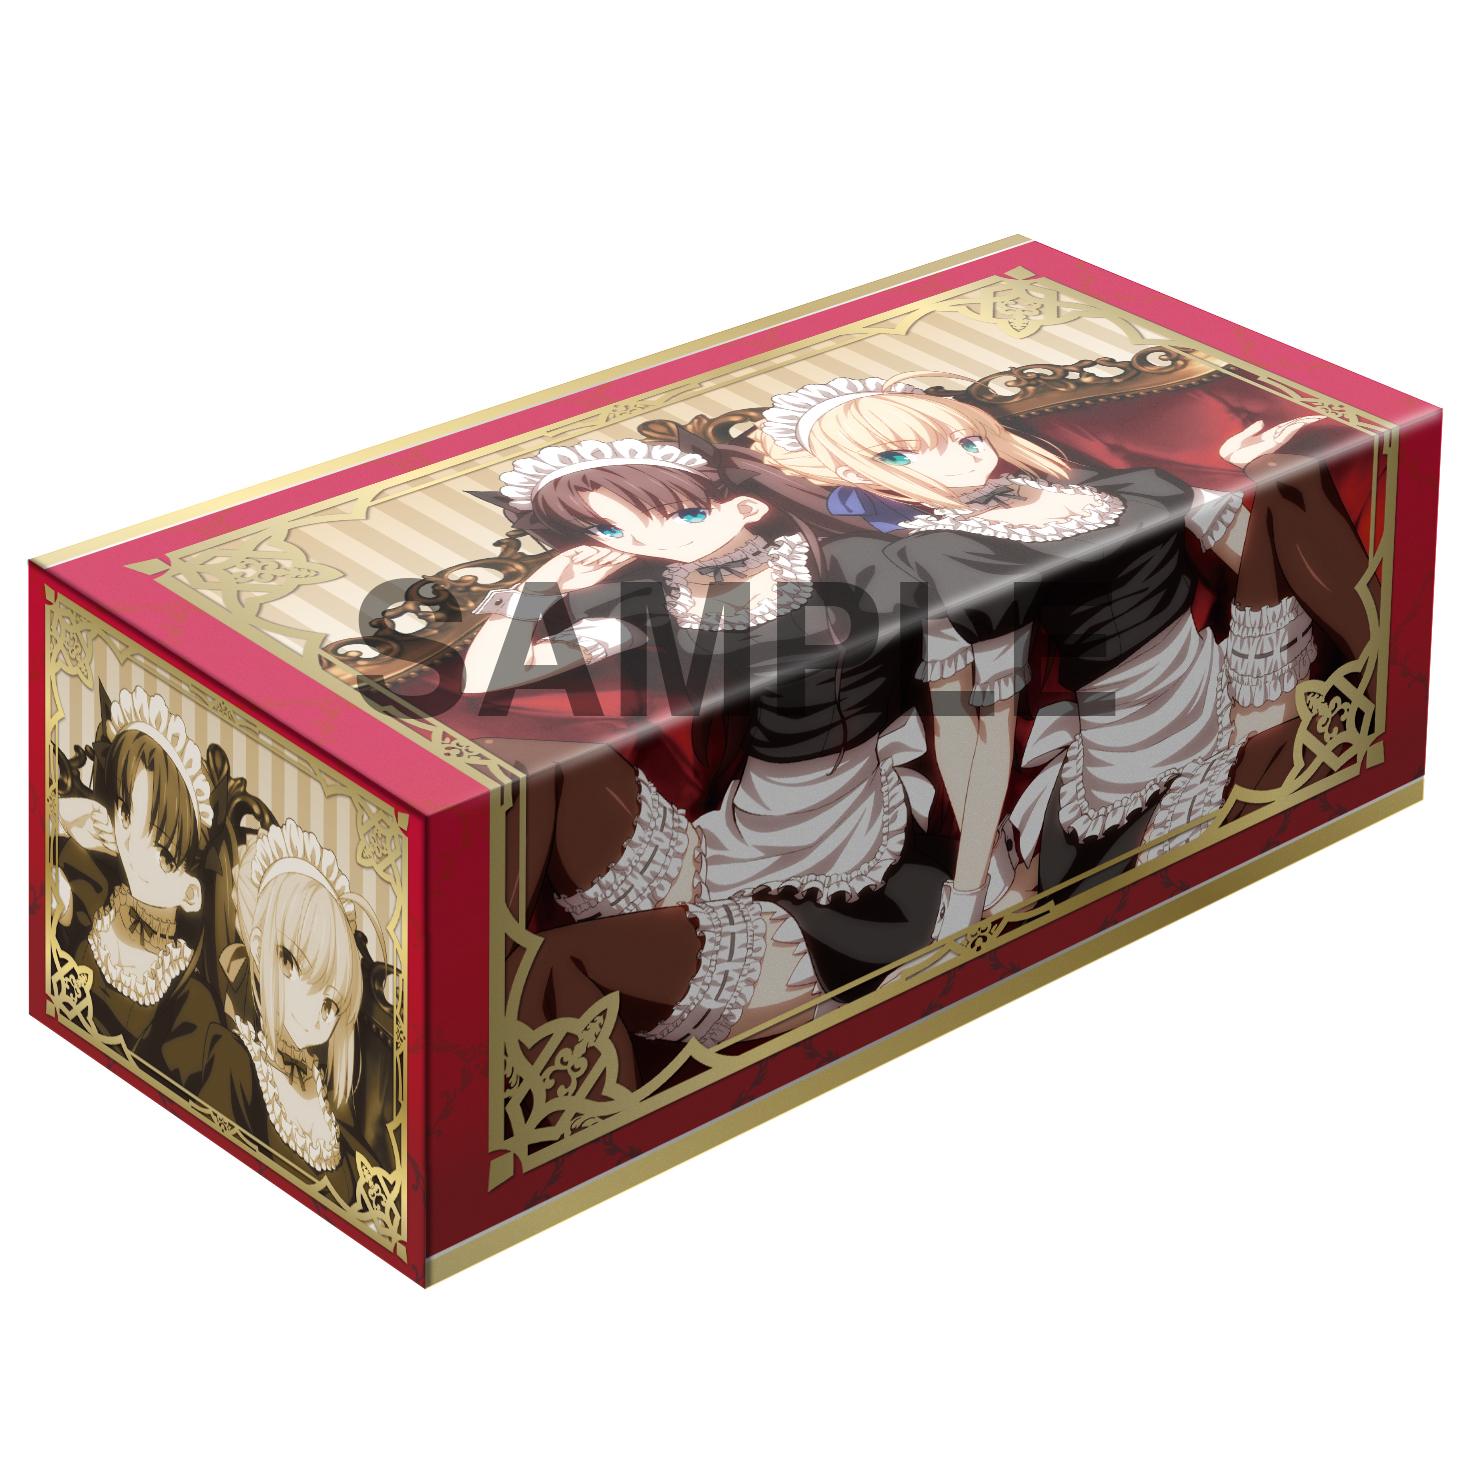 コンプティークカバーコレクション カードボックス 「Fate/stay night」 734円